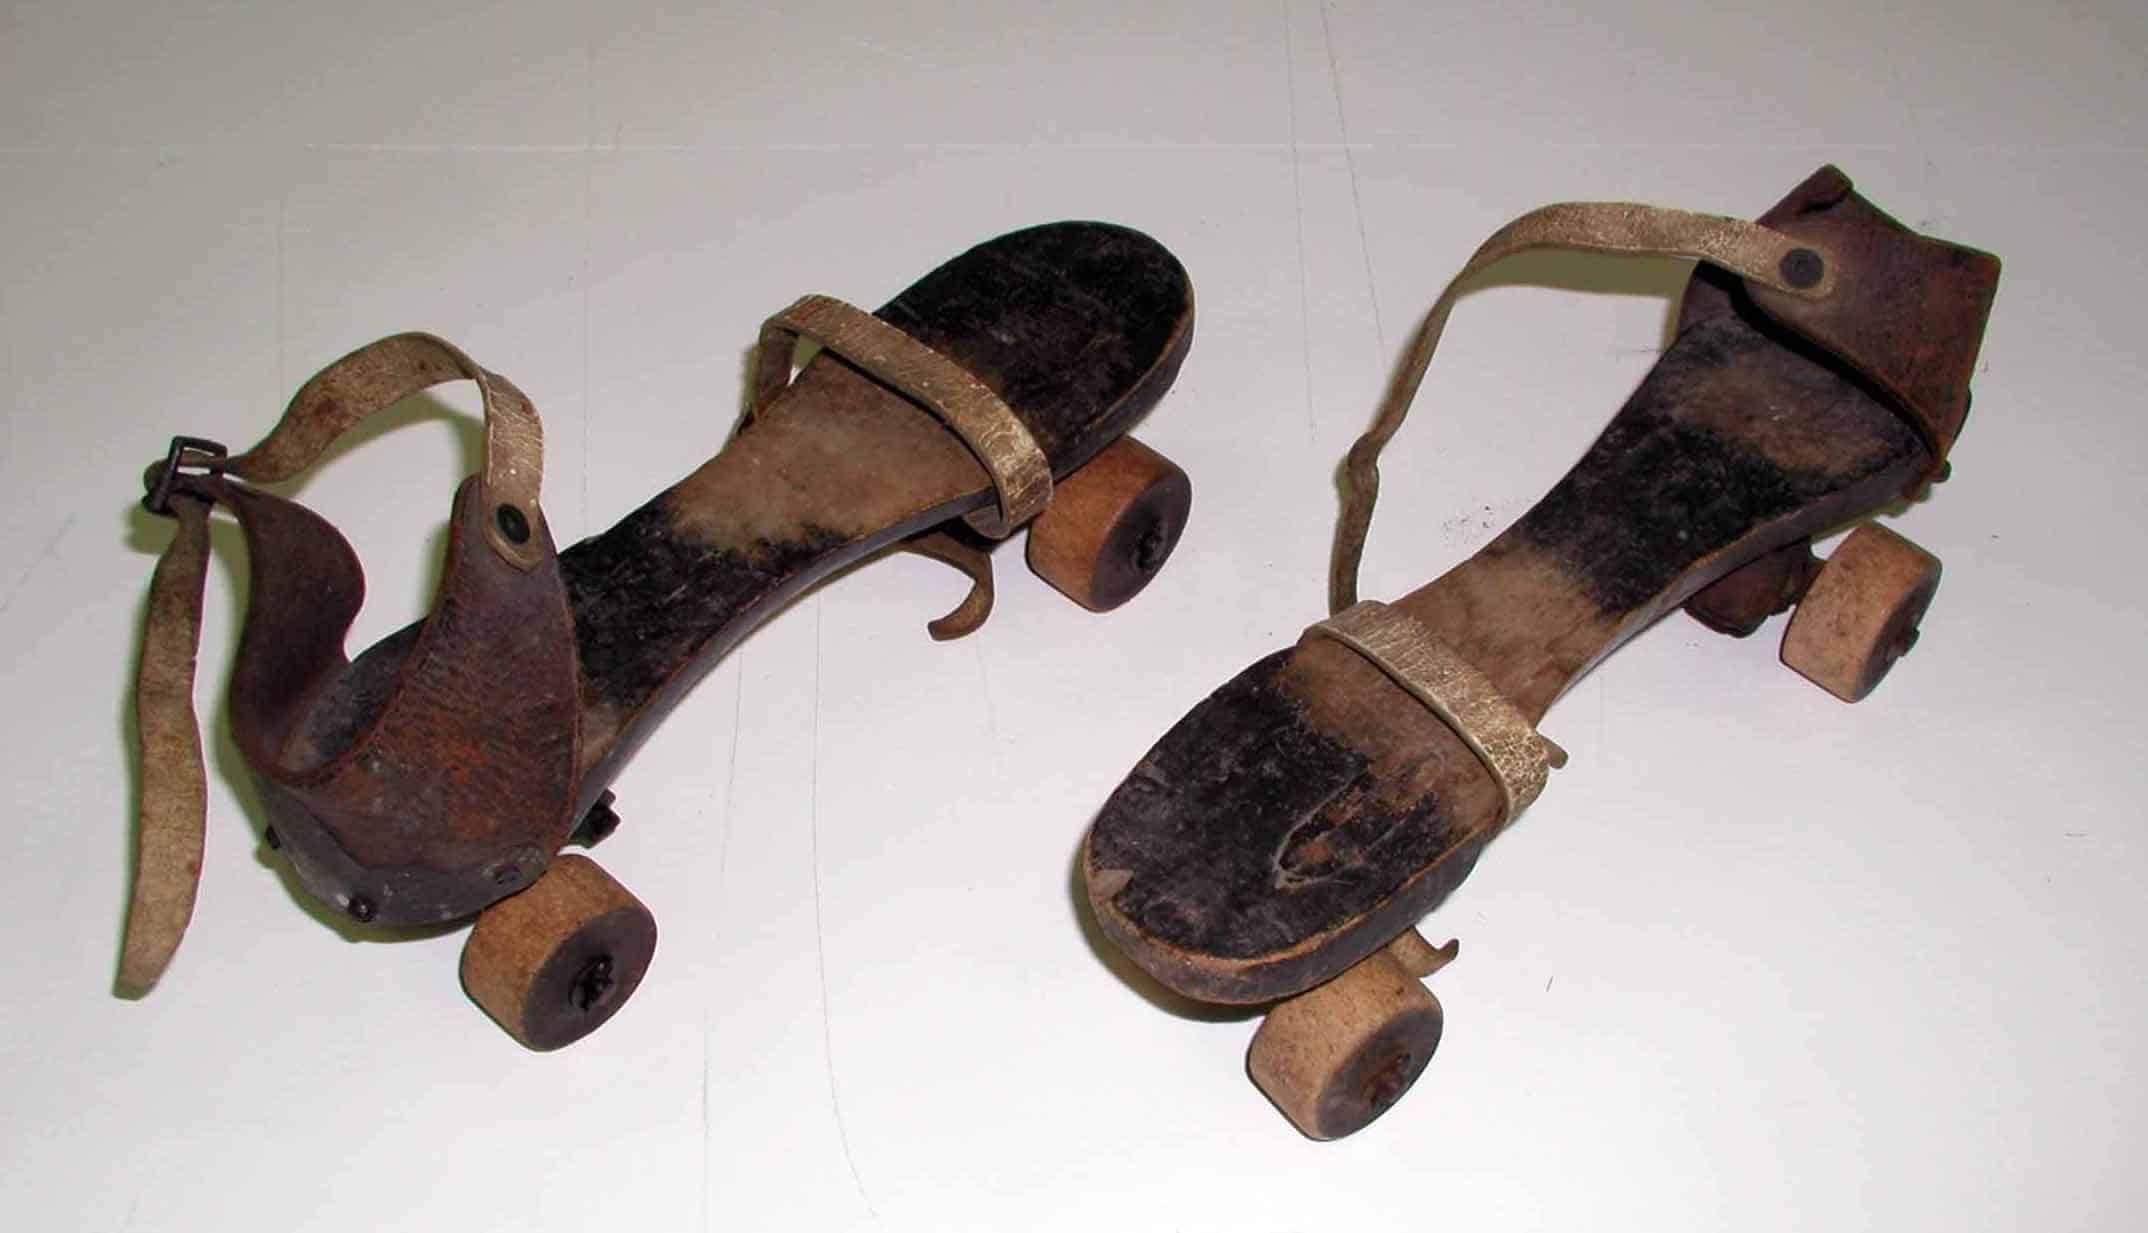 Erstes Patent Inlineskates Rollschuhe James Leonard Plimpton Grundwissen und Wissenswertes im Inline Skating Inliner Skateschule Weil am Rhein SkaMiDan